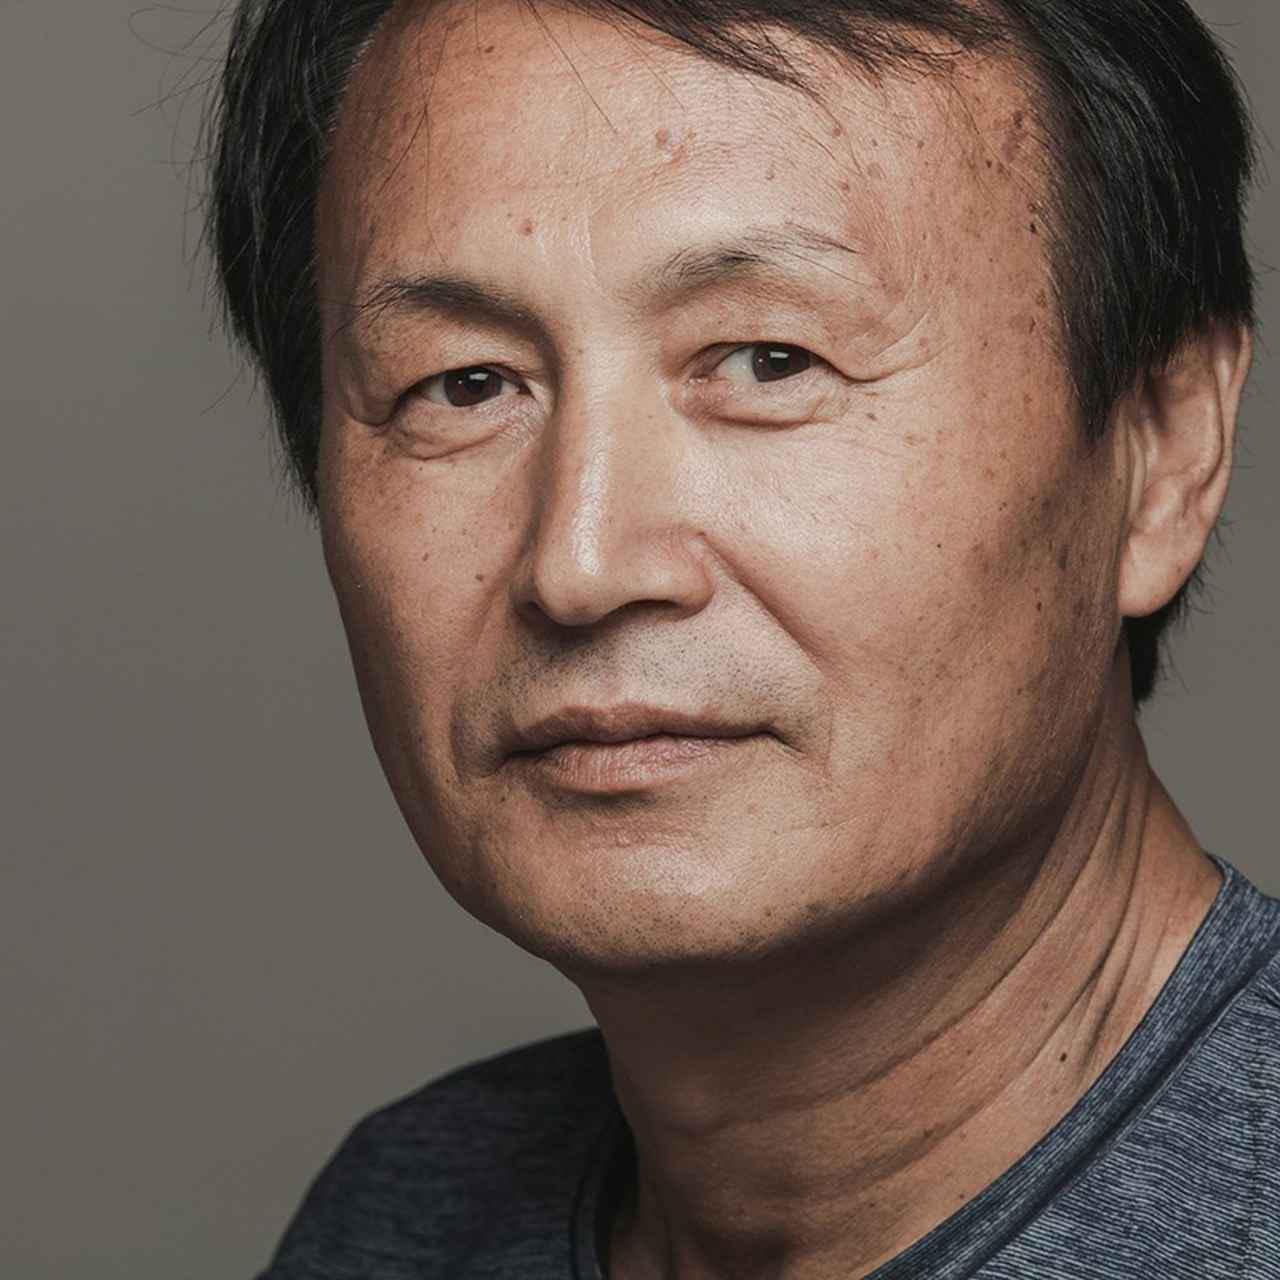 """画像2: """"ゆうばり""""で審査員特別賞を受賞!韓国で全うな評価を受けず、韓国内の宗教界に一石を投じた怪作『赤い原罪』-監督&プロデューサーからメッセージ到着!"""